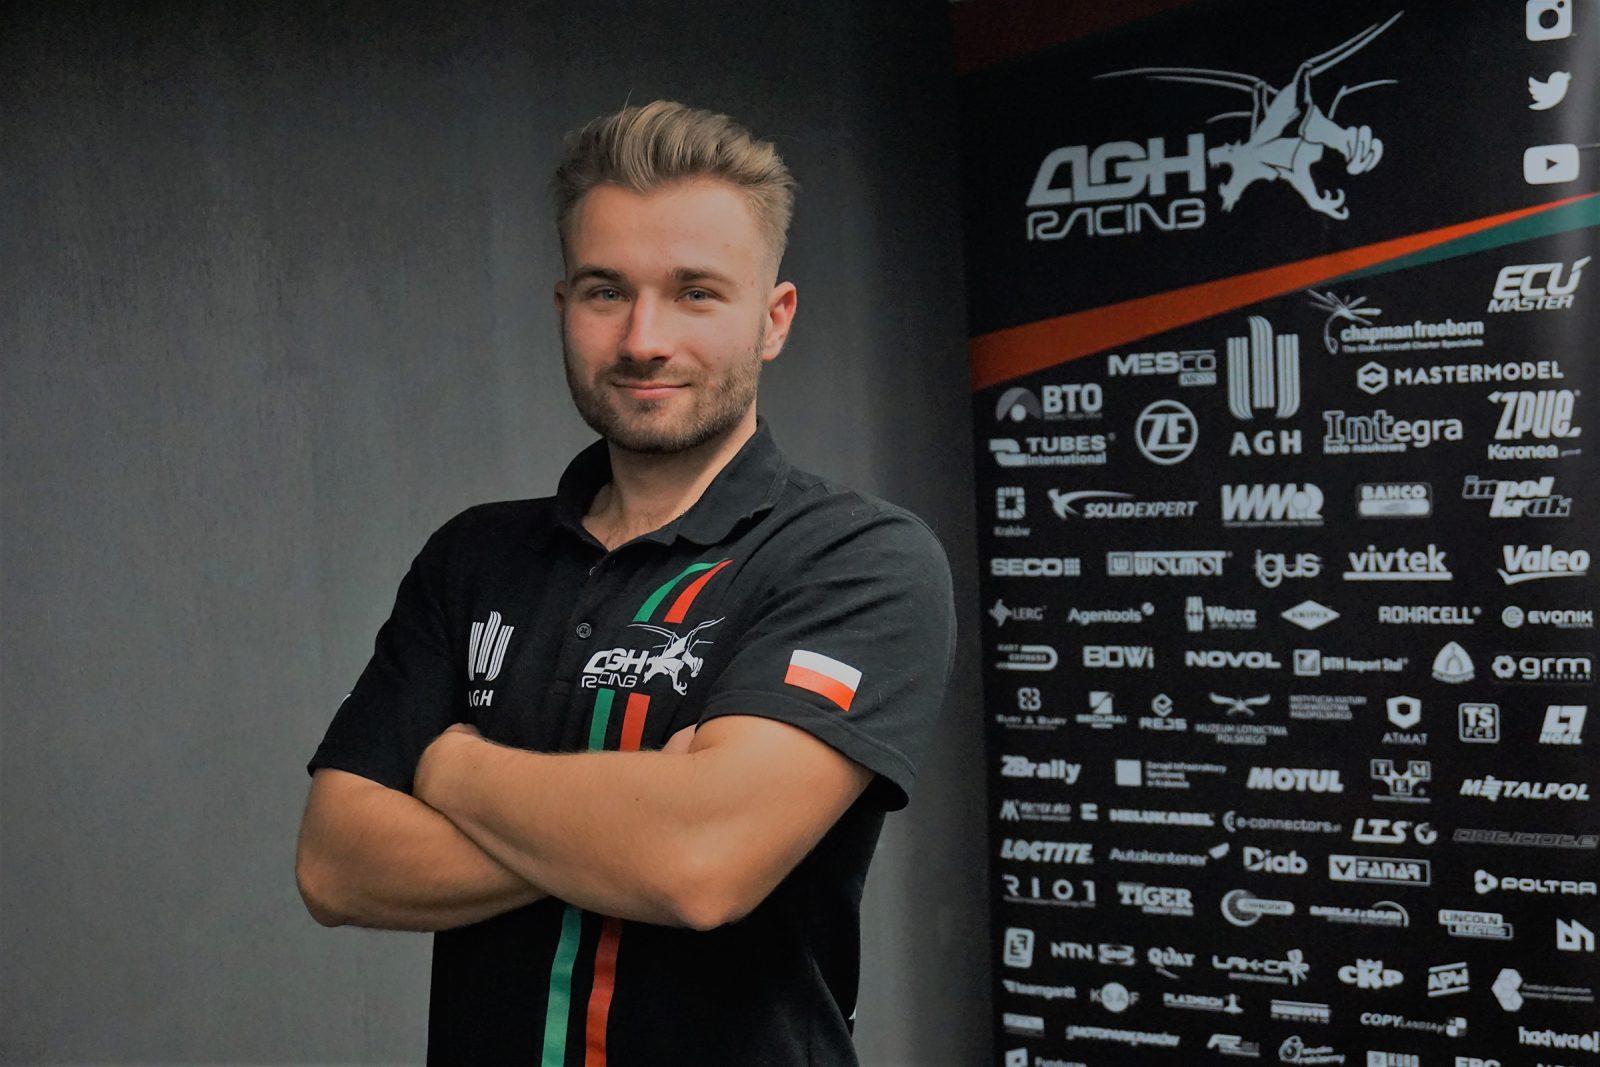 Anton Koleśnik